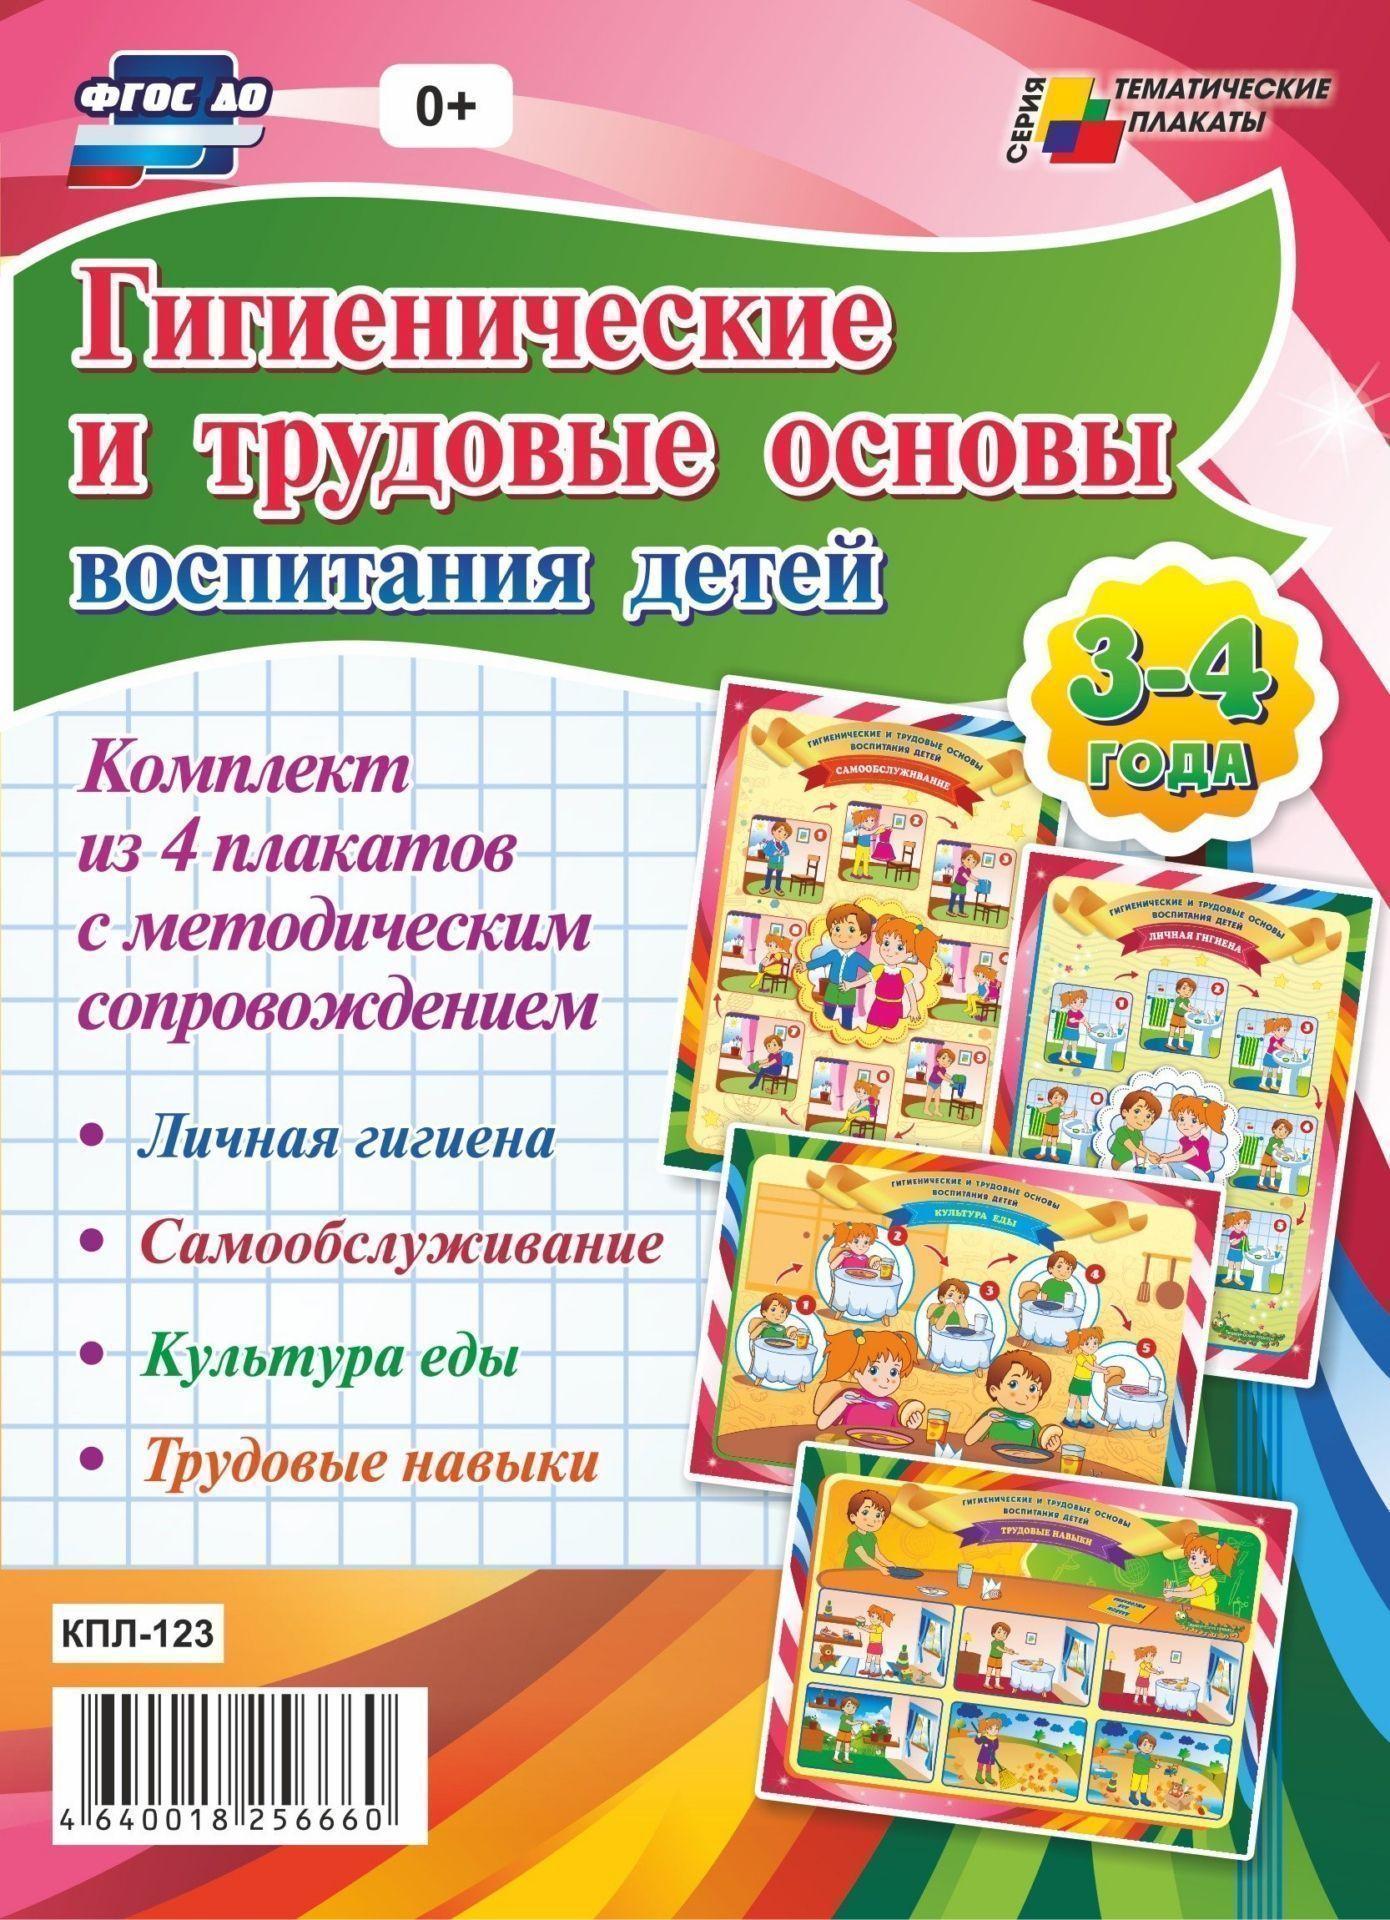 Плакаты тематические